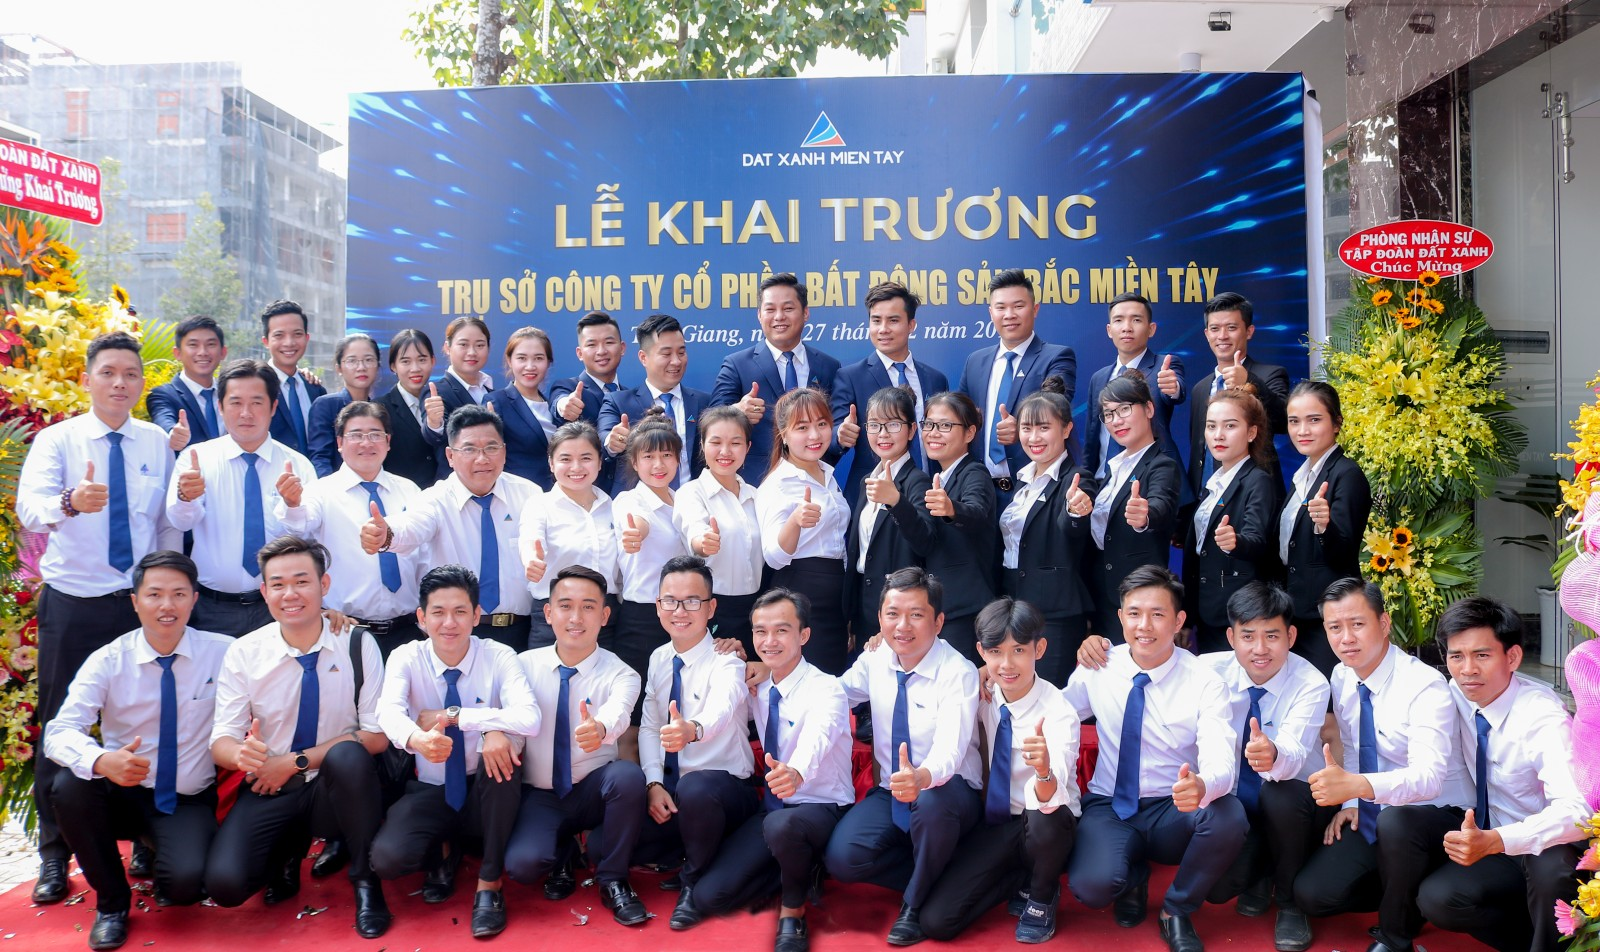 Bắc Miền Tây thừa hưởng đội ngũ lãnh đạo cốt cán của Công ty mẹ Đất Xanh Miền Tây và đội ngũ nhân sự tốt nghiệp cao đẳng, đại học tại Tiền Giang và tỉnh thành lân cận.